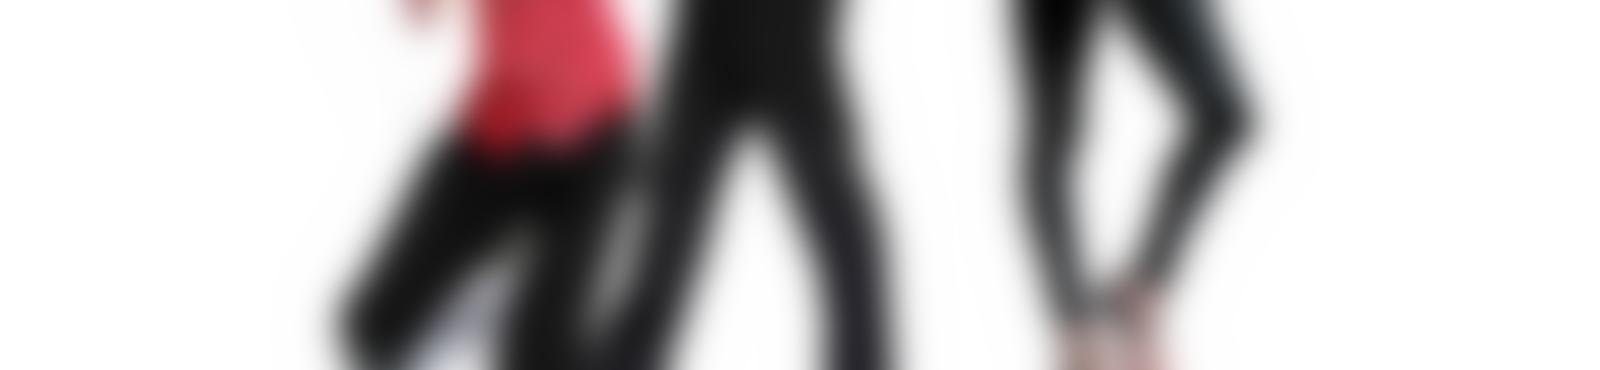 Blurred b977f53e 59f8 47d1 ba48 77a7f255ae4c